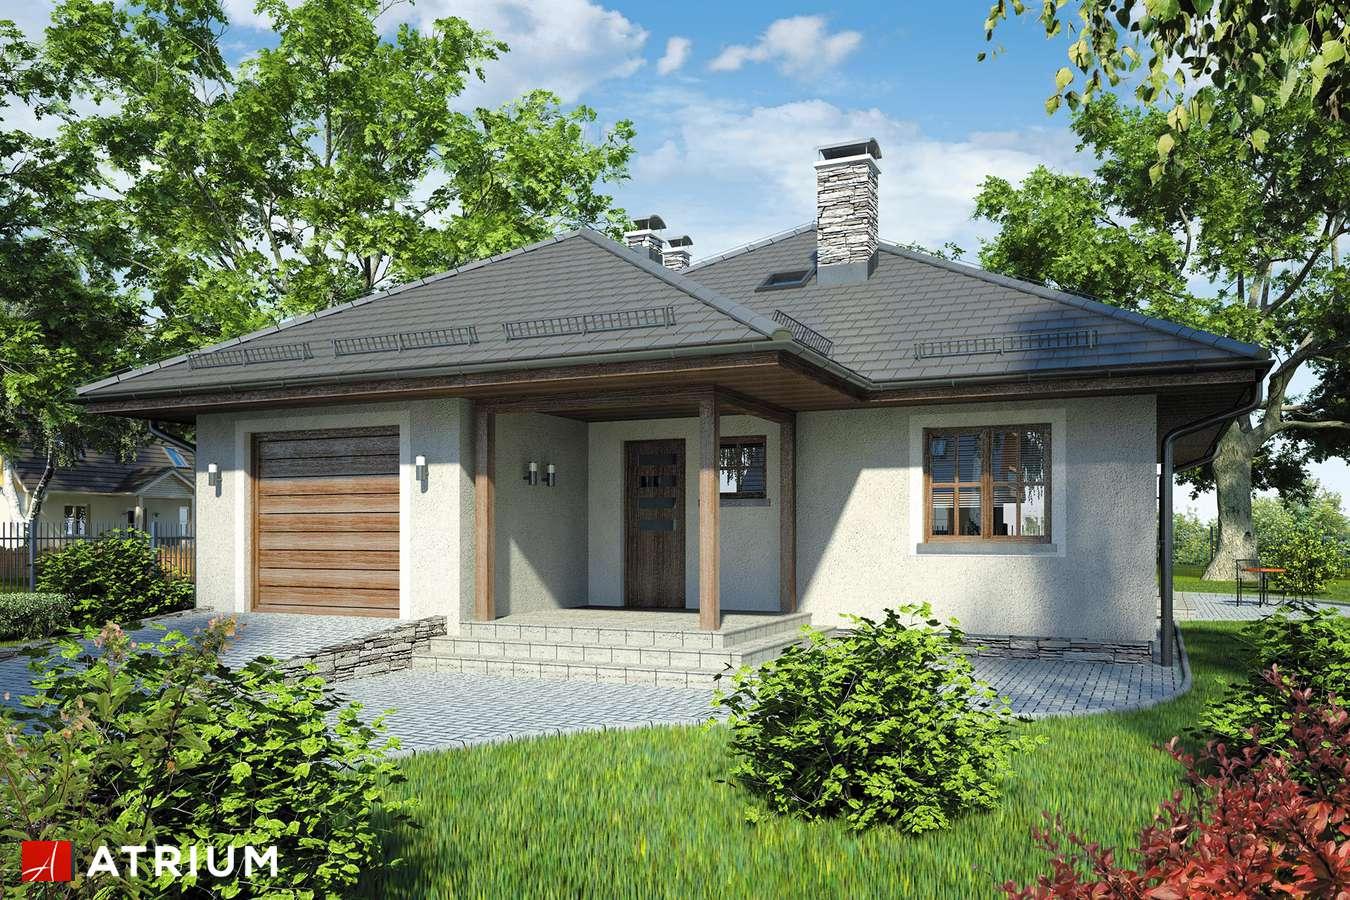 Projekty domów - Projekt domu parterowego BURSZTYN - wizualizacja 1 - wersja lustrzana